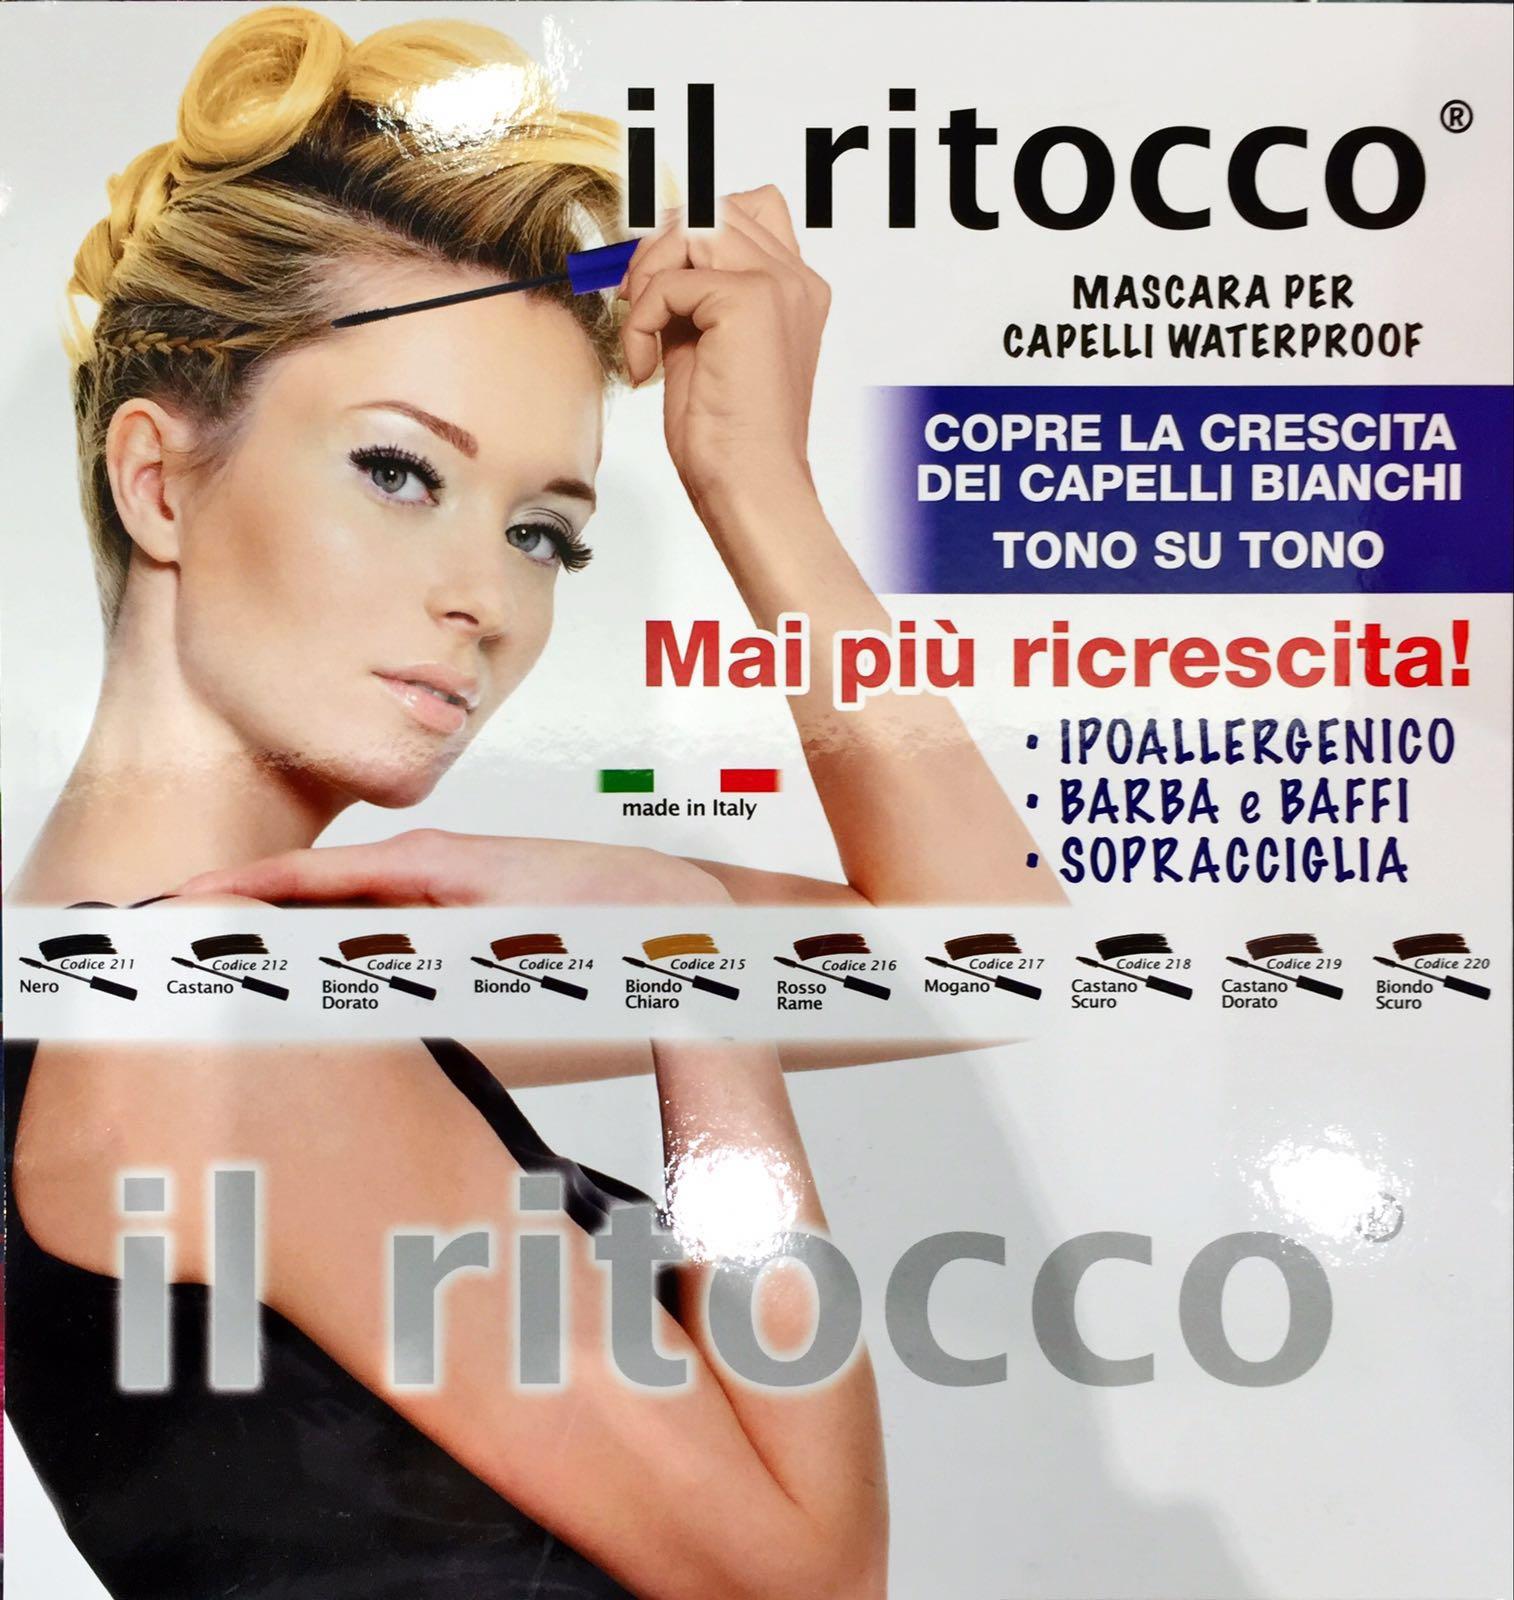 Irma - Il Ritocco Flash Mascara per Capelli - Mascara per capelli ... dcd162b40bed